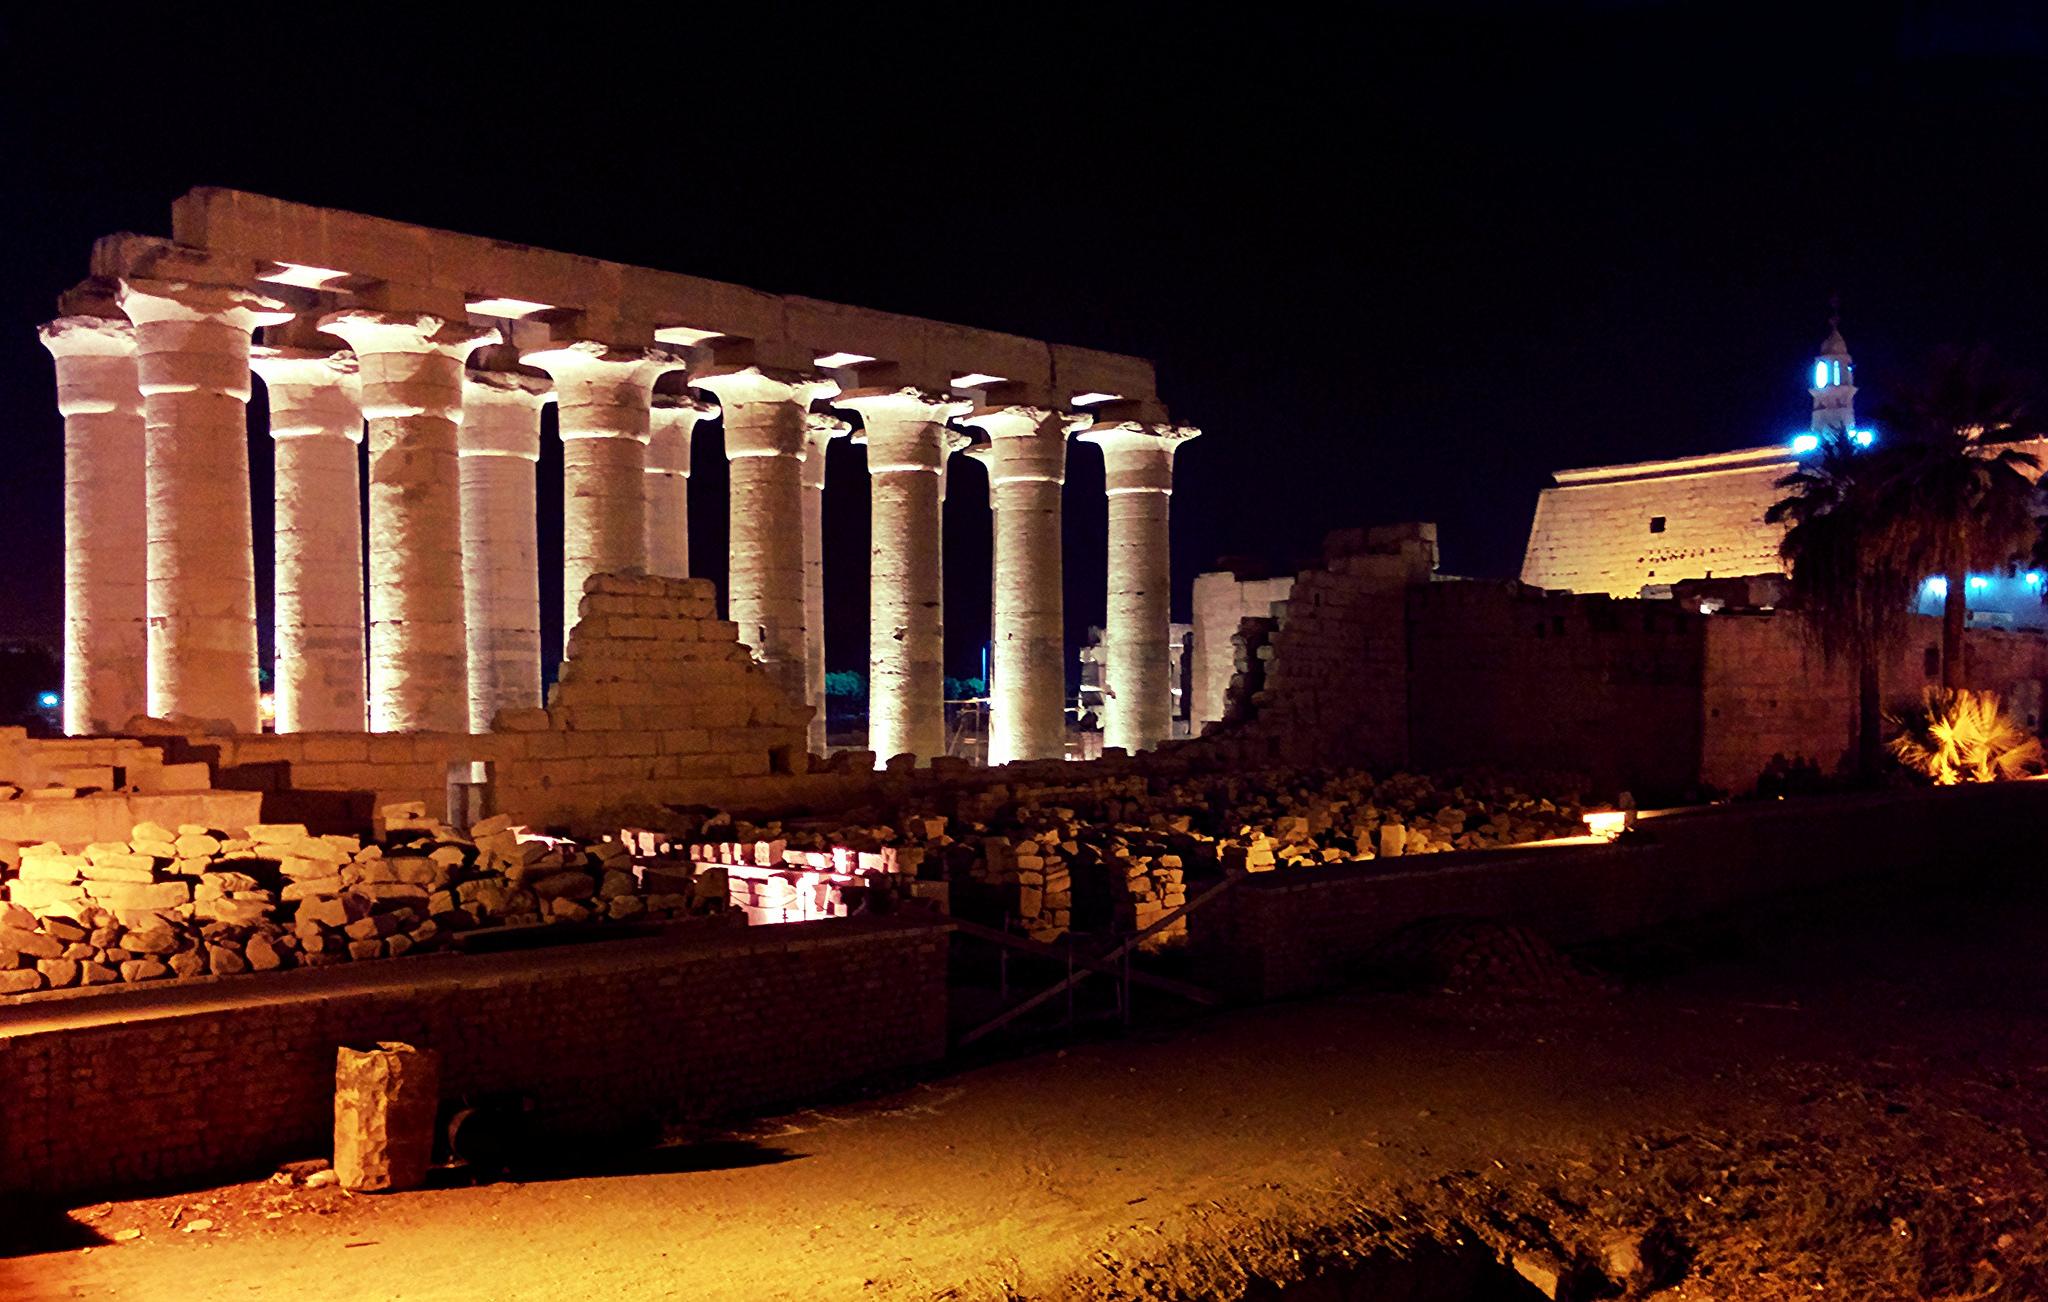 Ночной Луксор. Фото: Dennis S. Hurd / flickr.com